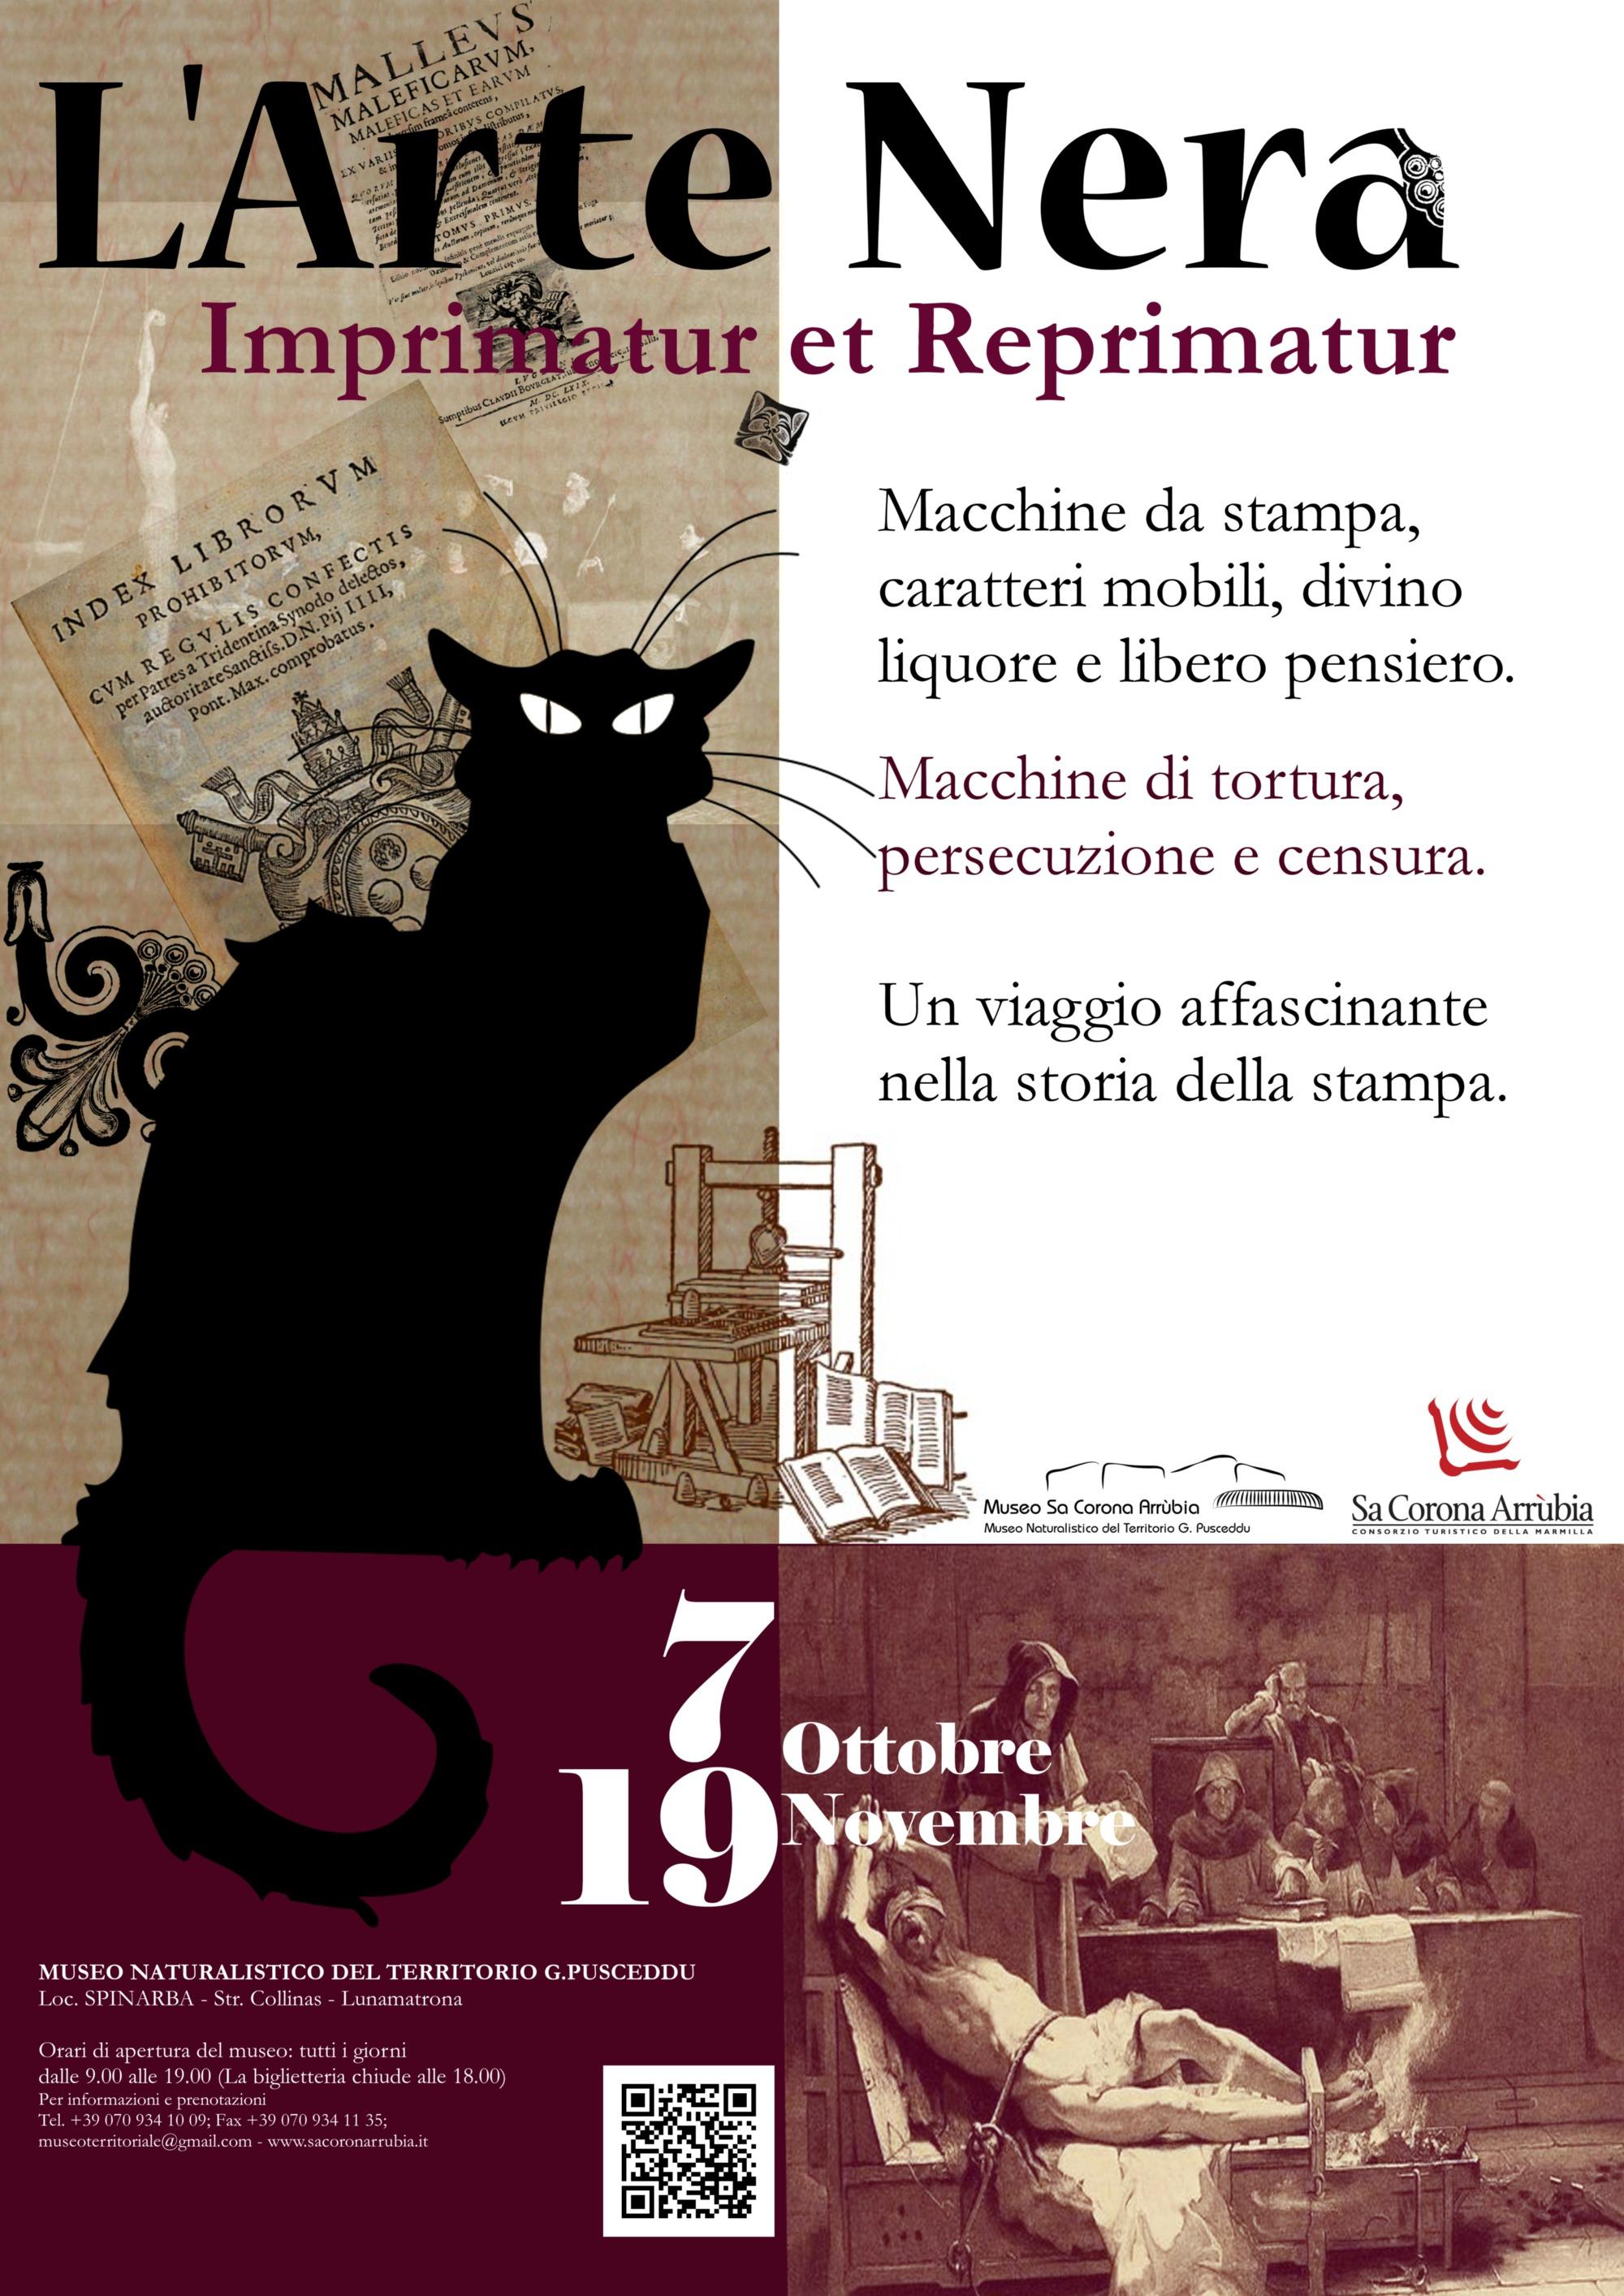 """Museo Sa Corona Arrùbia sabato 7 ottobre 2017 inaugurazione della mostra """"L'ARTE NERA. IMPRIMATUR ET REPRIMATUR""""."""